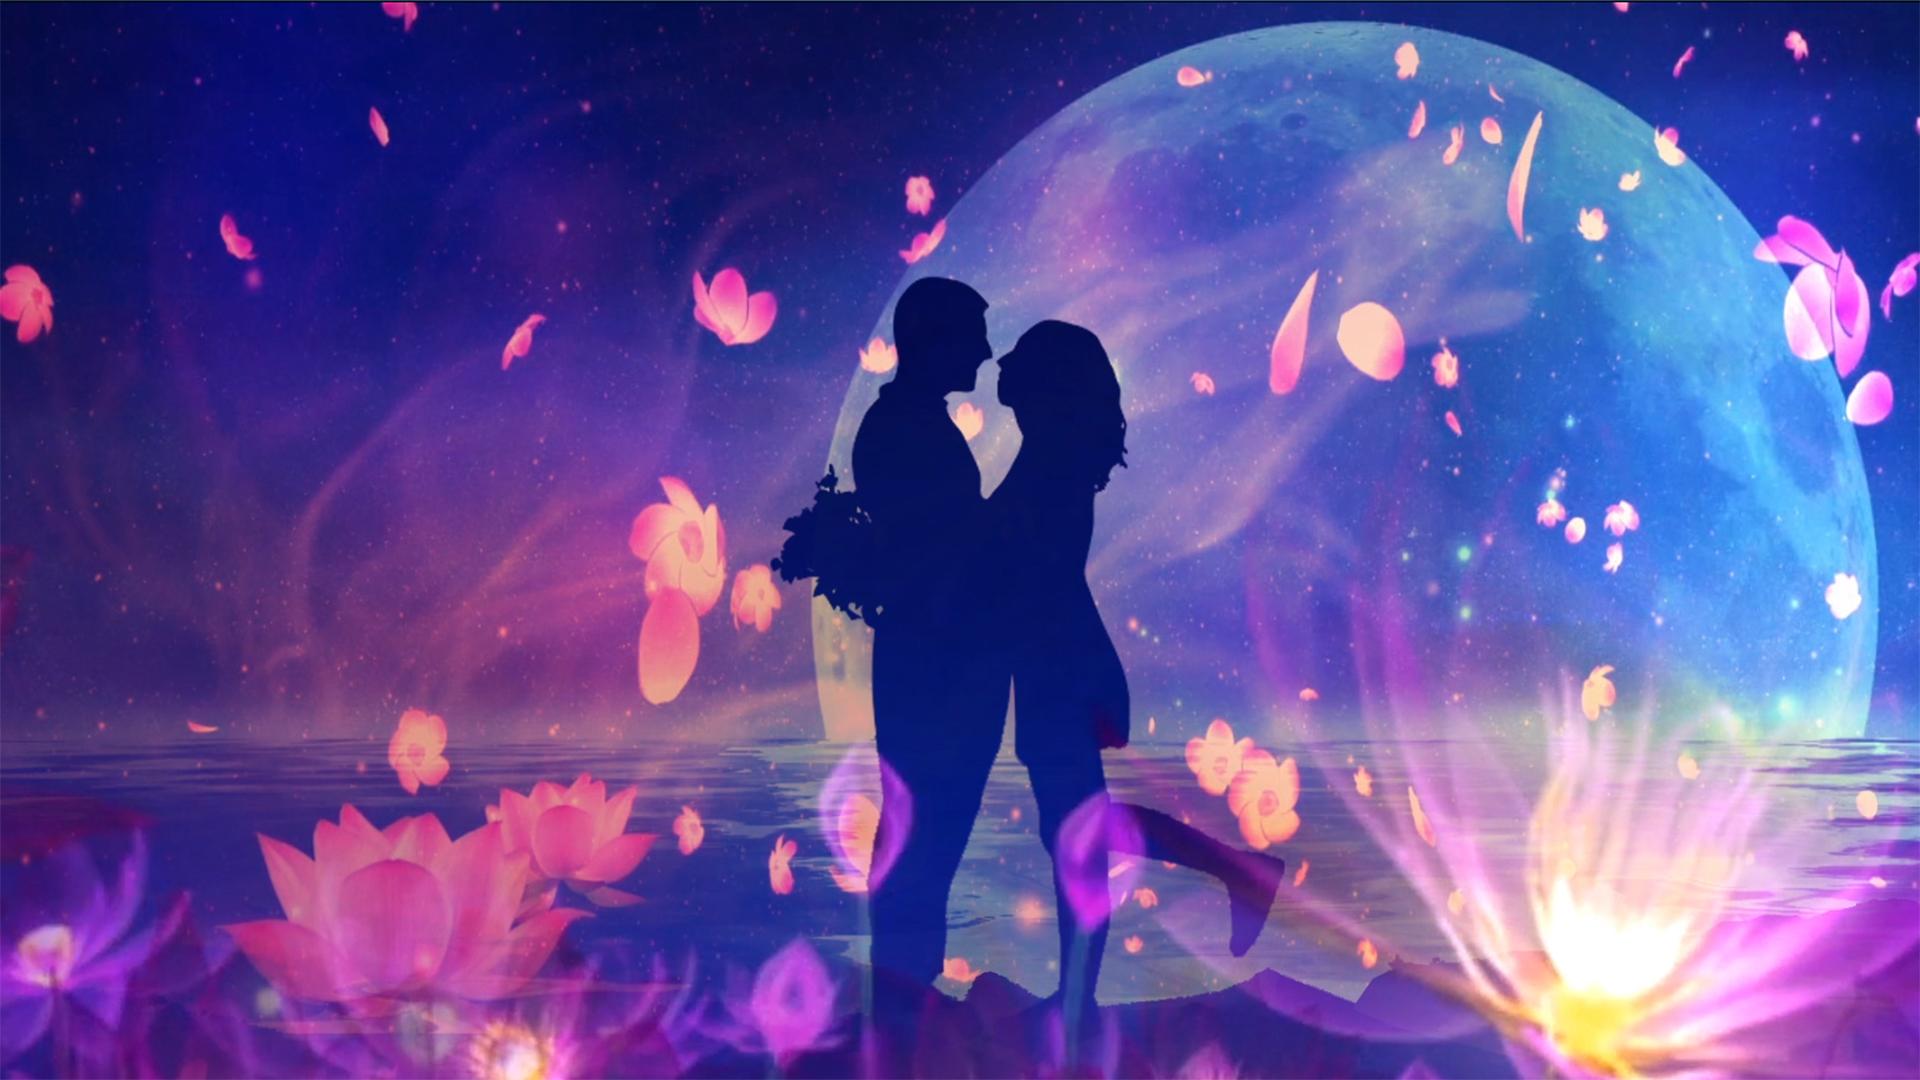 《你是我心爱的姑娘》汪峰歌曲背景